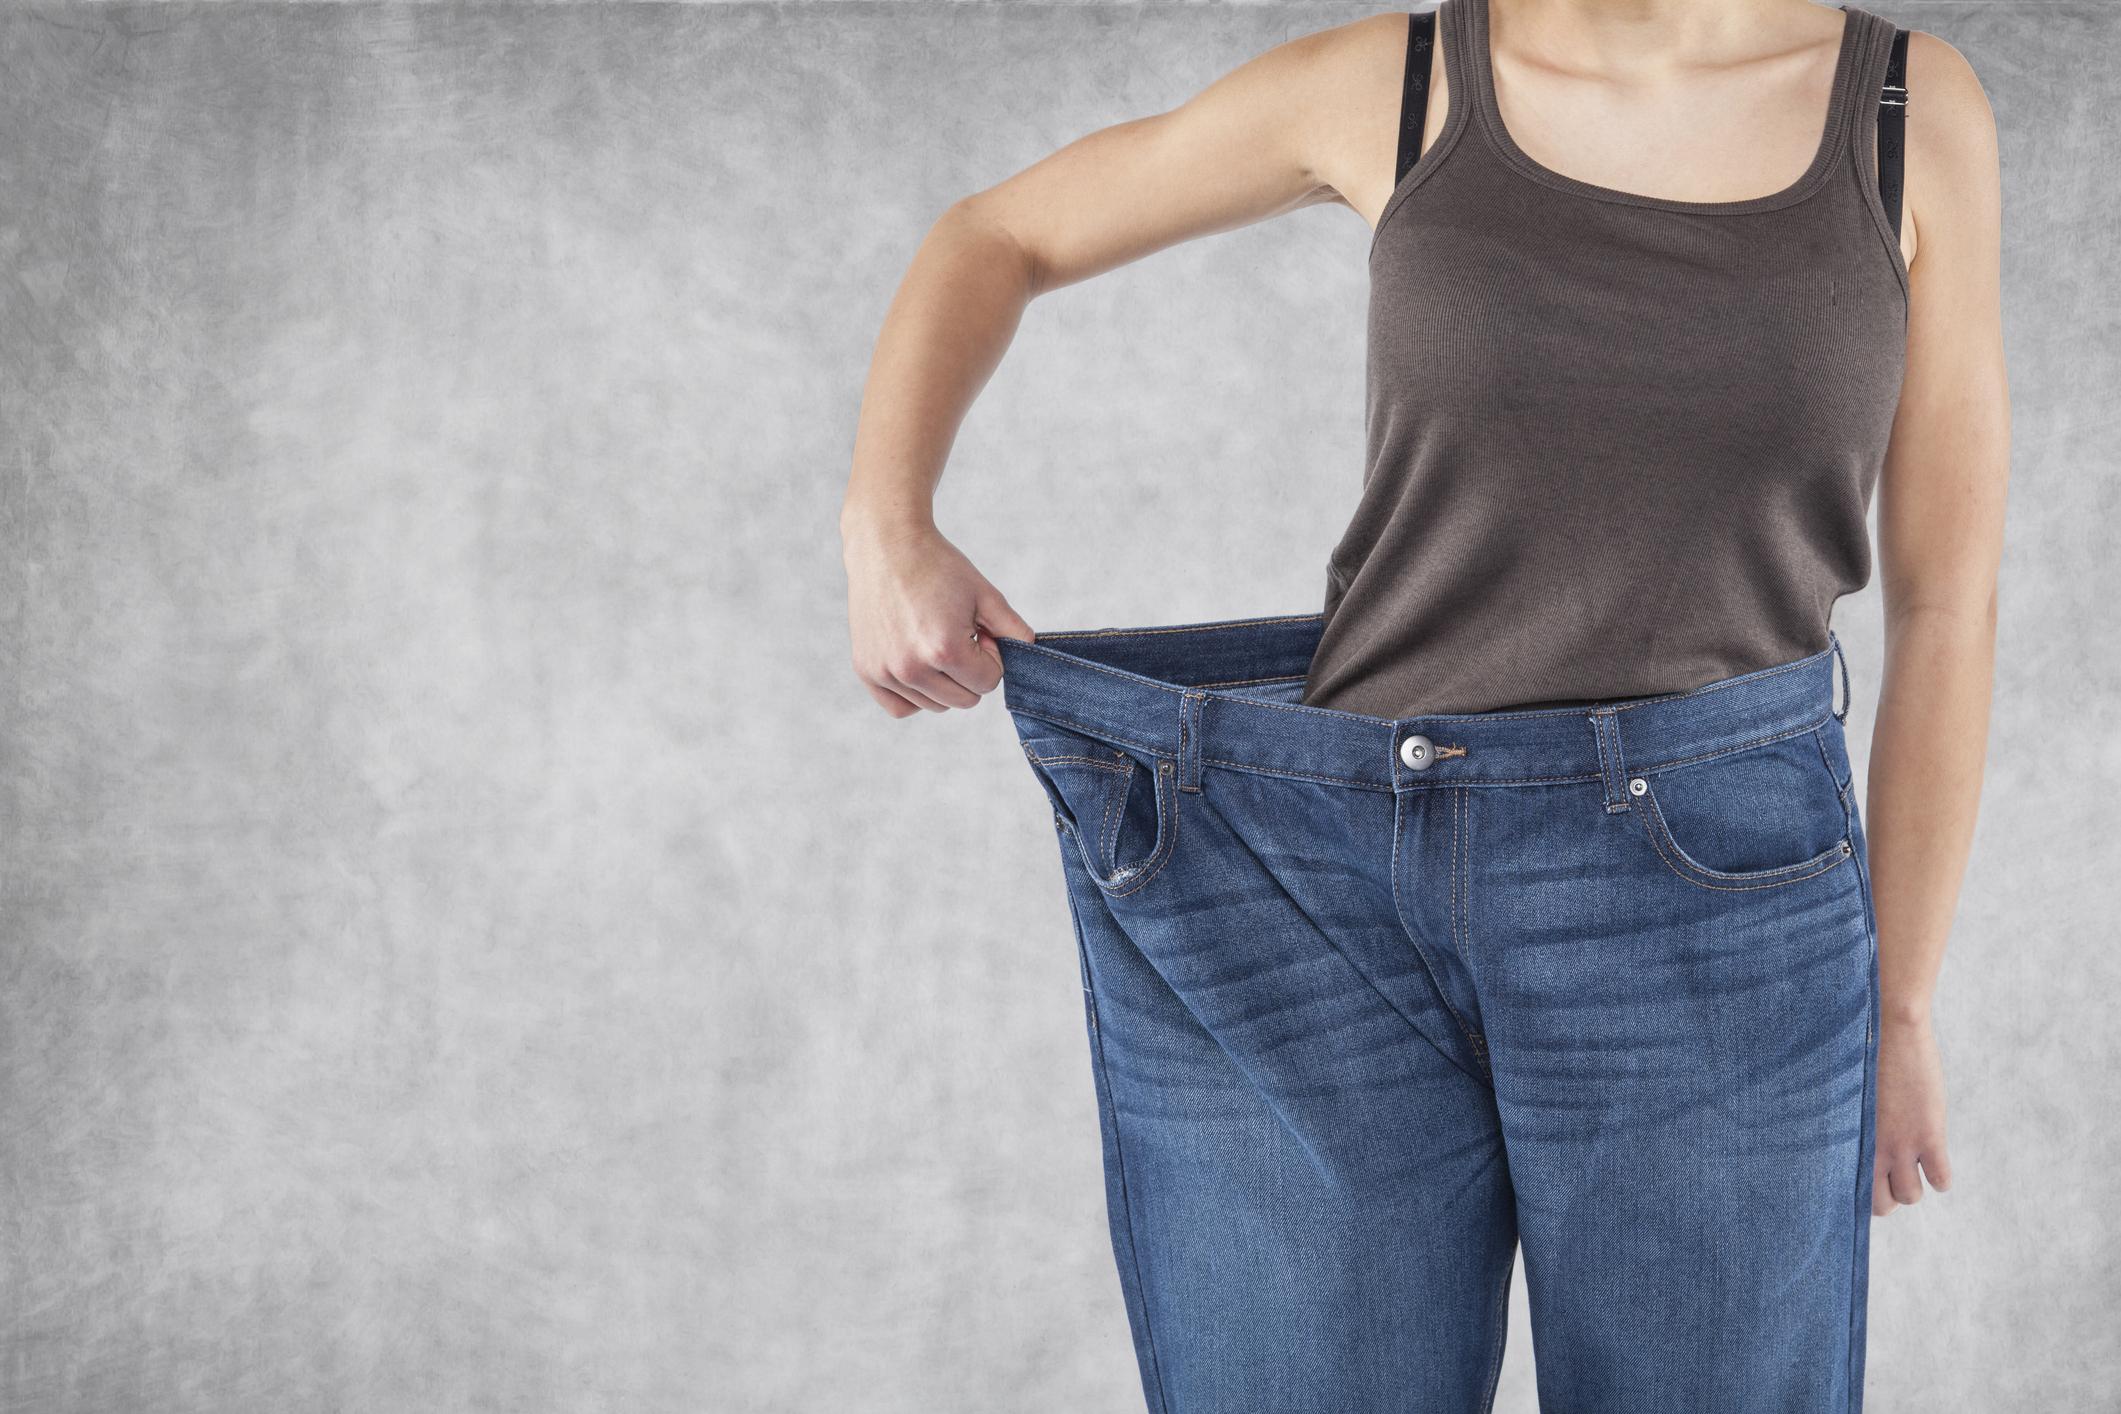 női fogyási tippek meth zsír veszteség